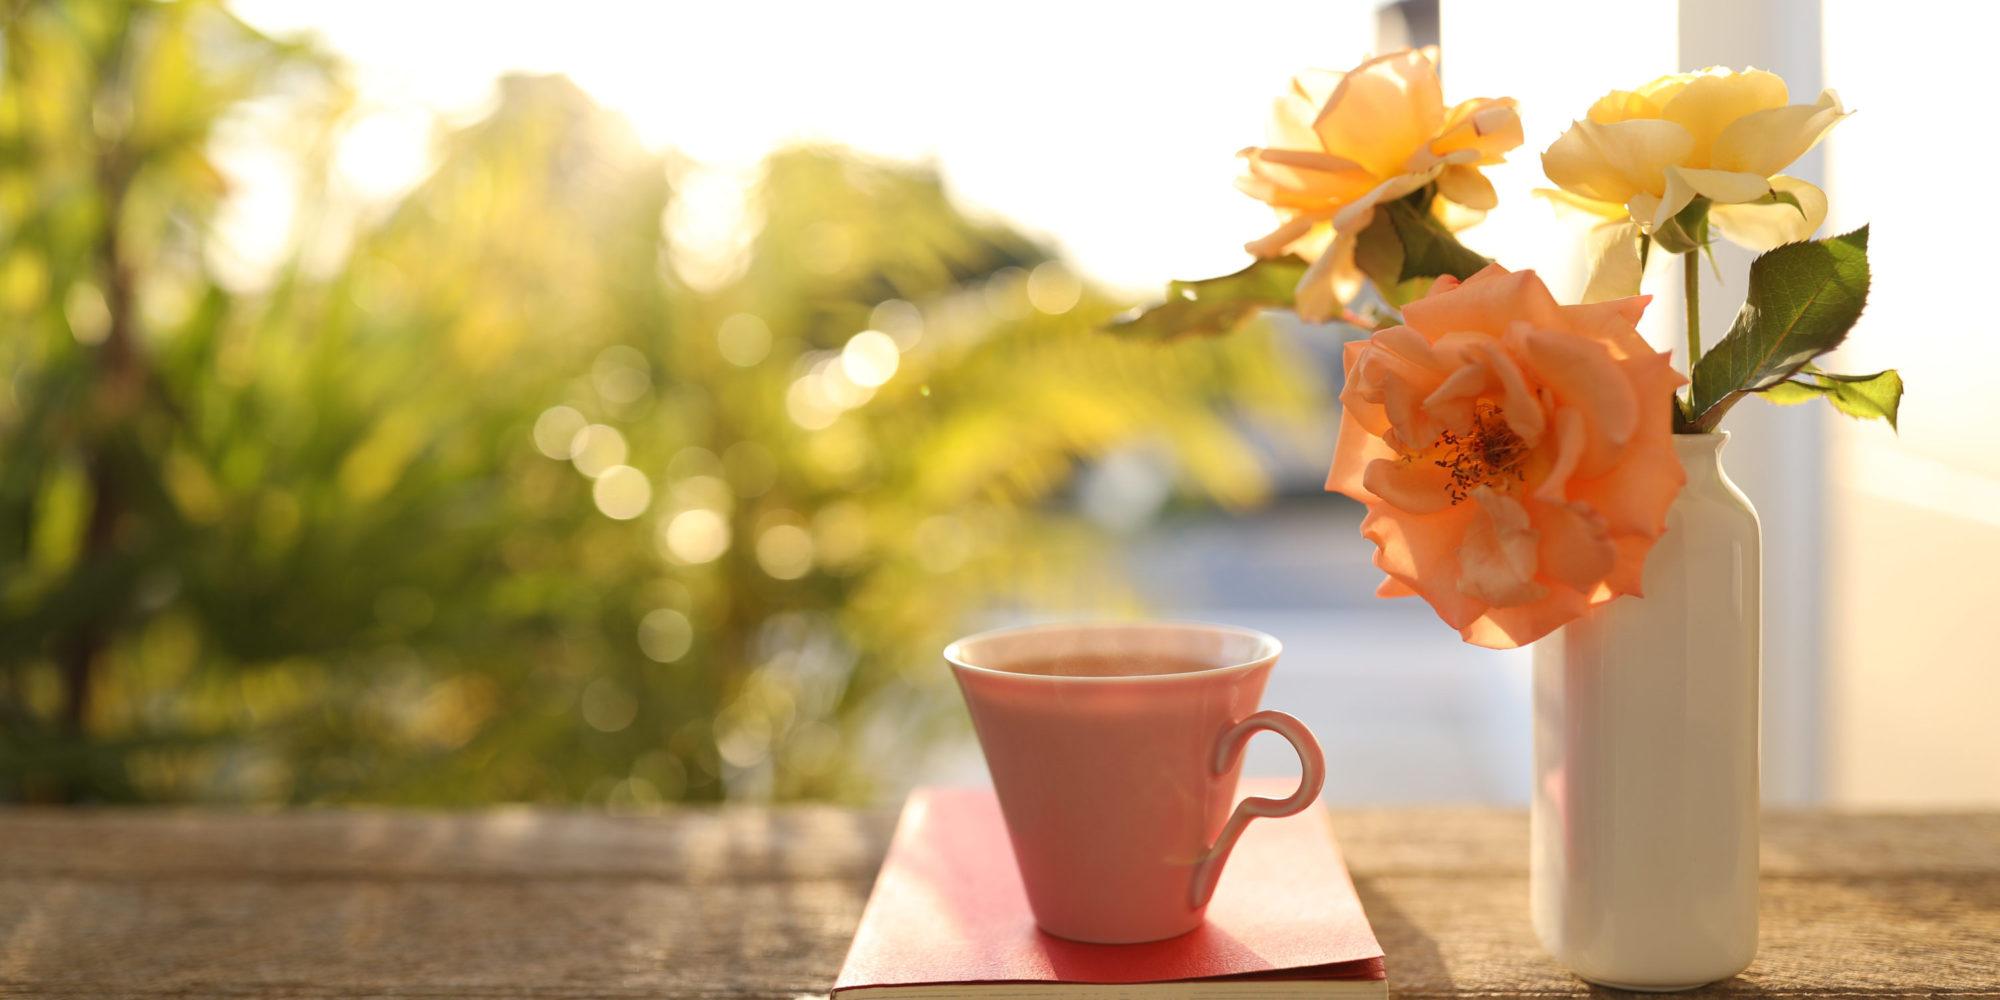 Rosa Tasse auf einem roten Buch. Daneben eine Vase mit hellen Rosen. Im Hintergrund ist durch grüne Bäume ein Sonnenaufgang zu erahnen.